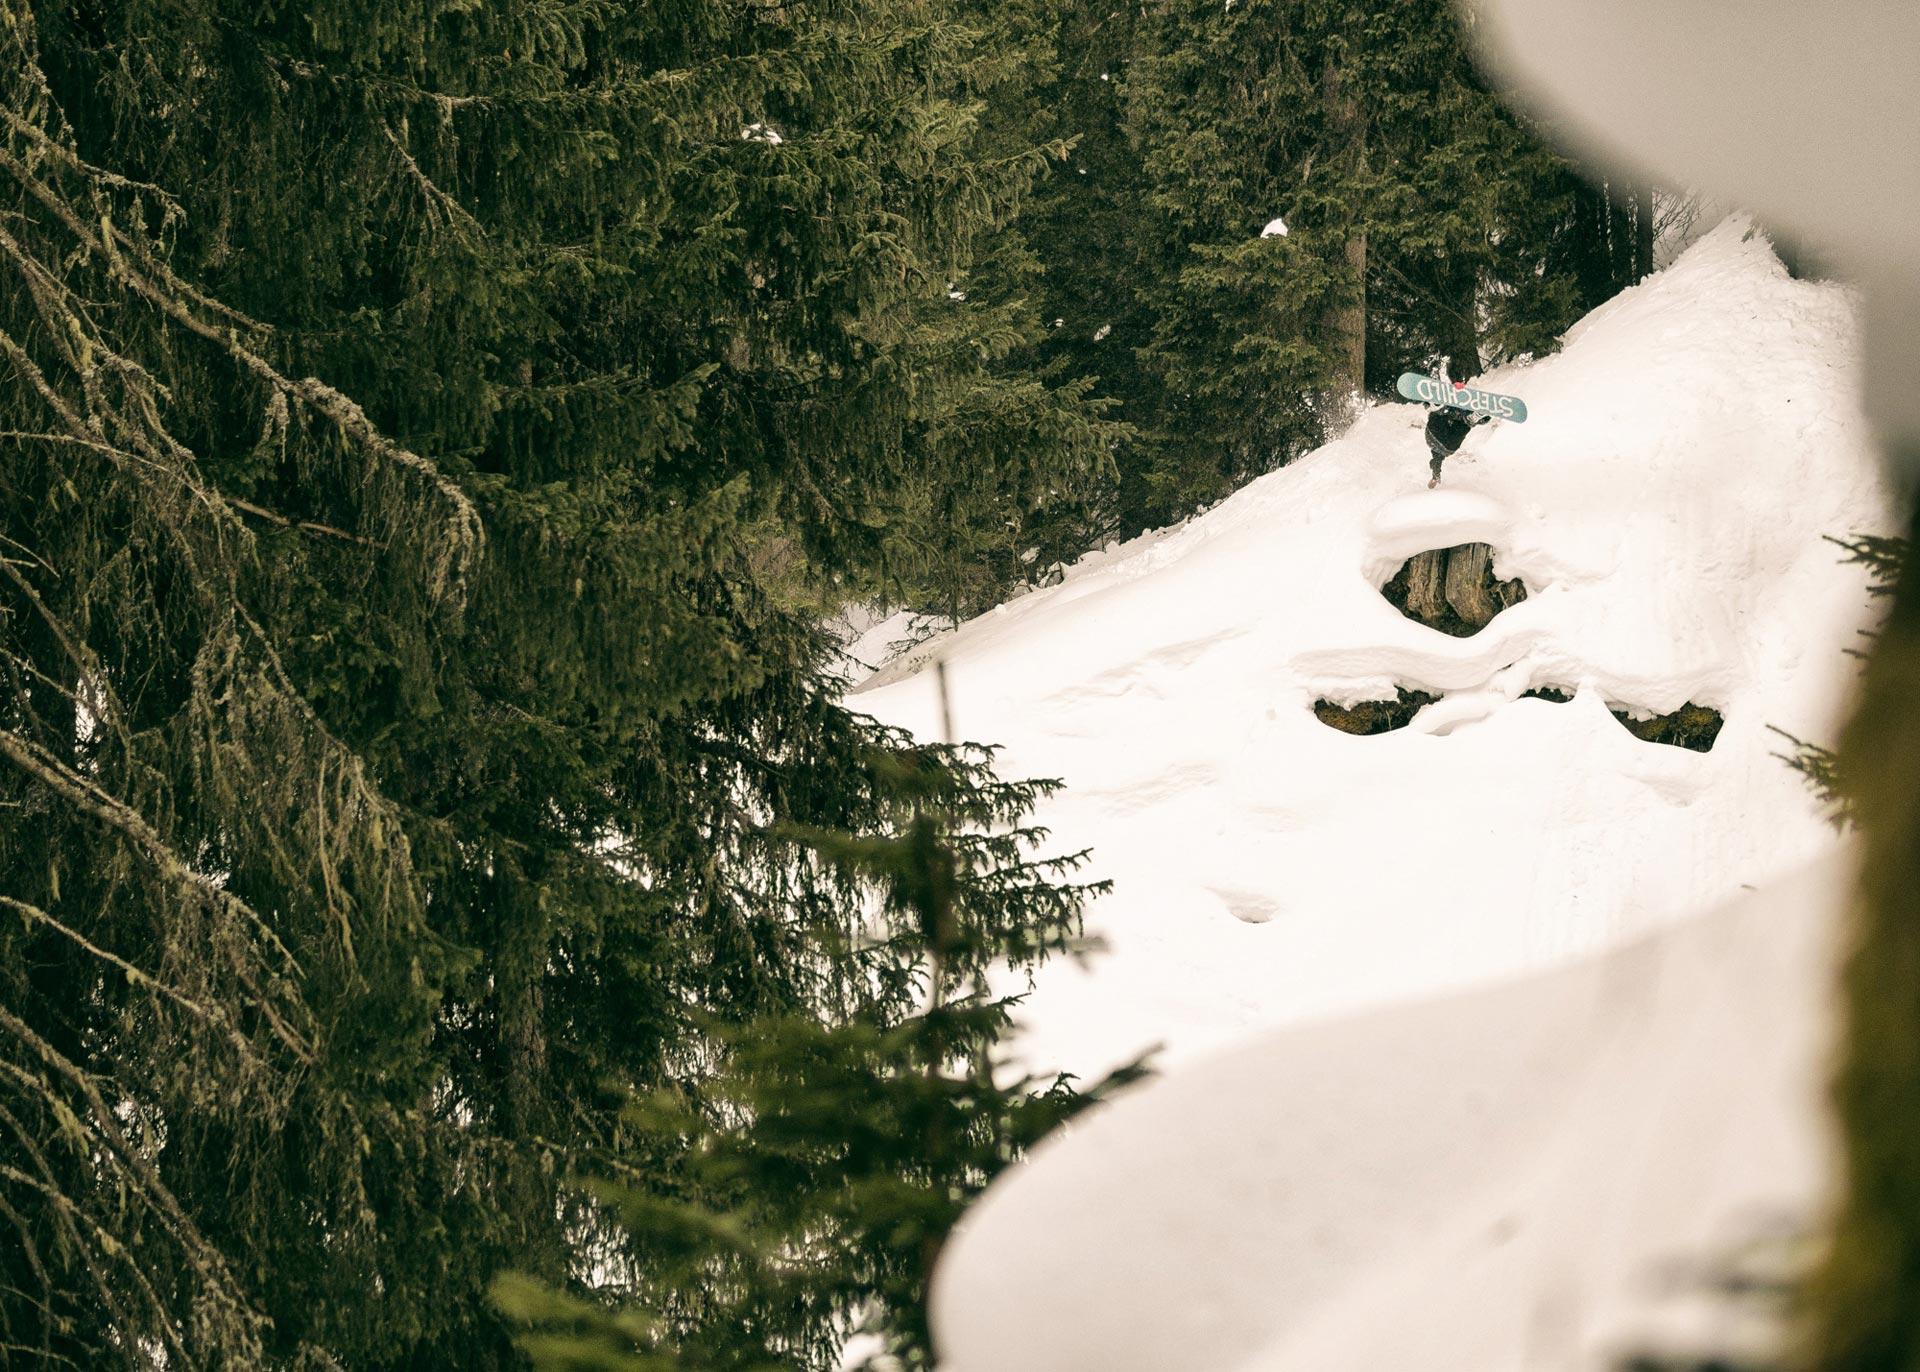 Brennerspaß - Von Spot zu Spot - Rider: Alex Beer